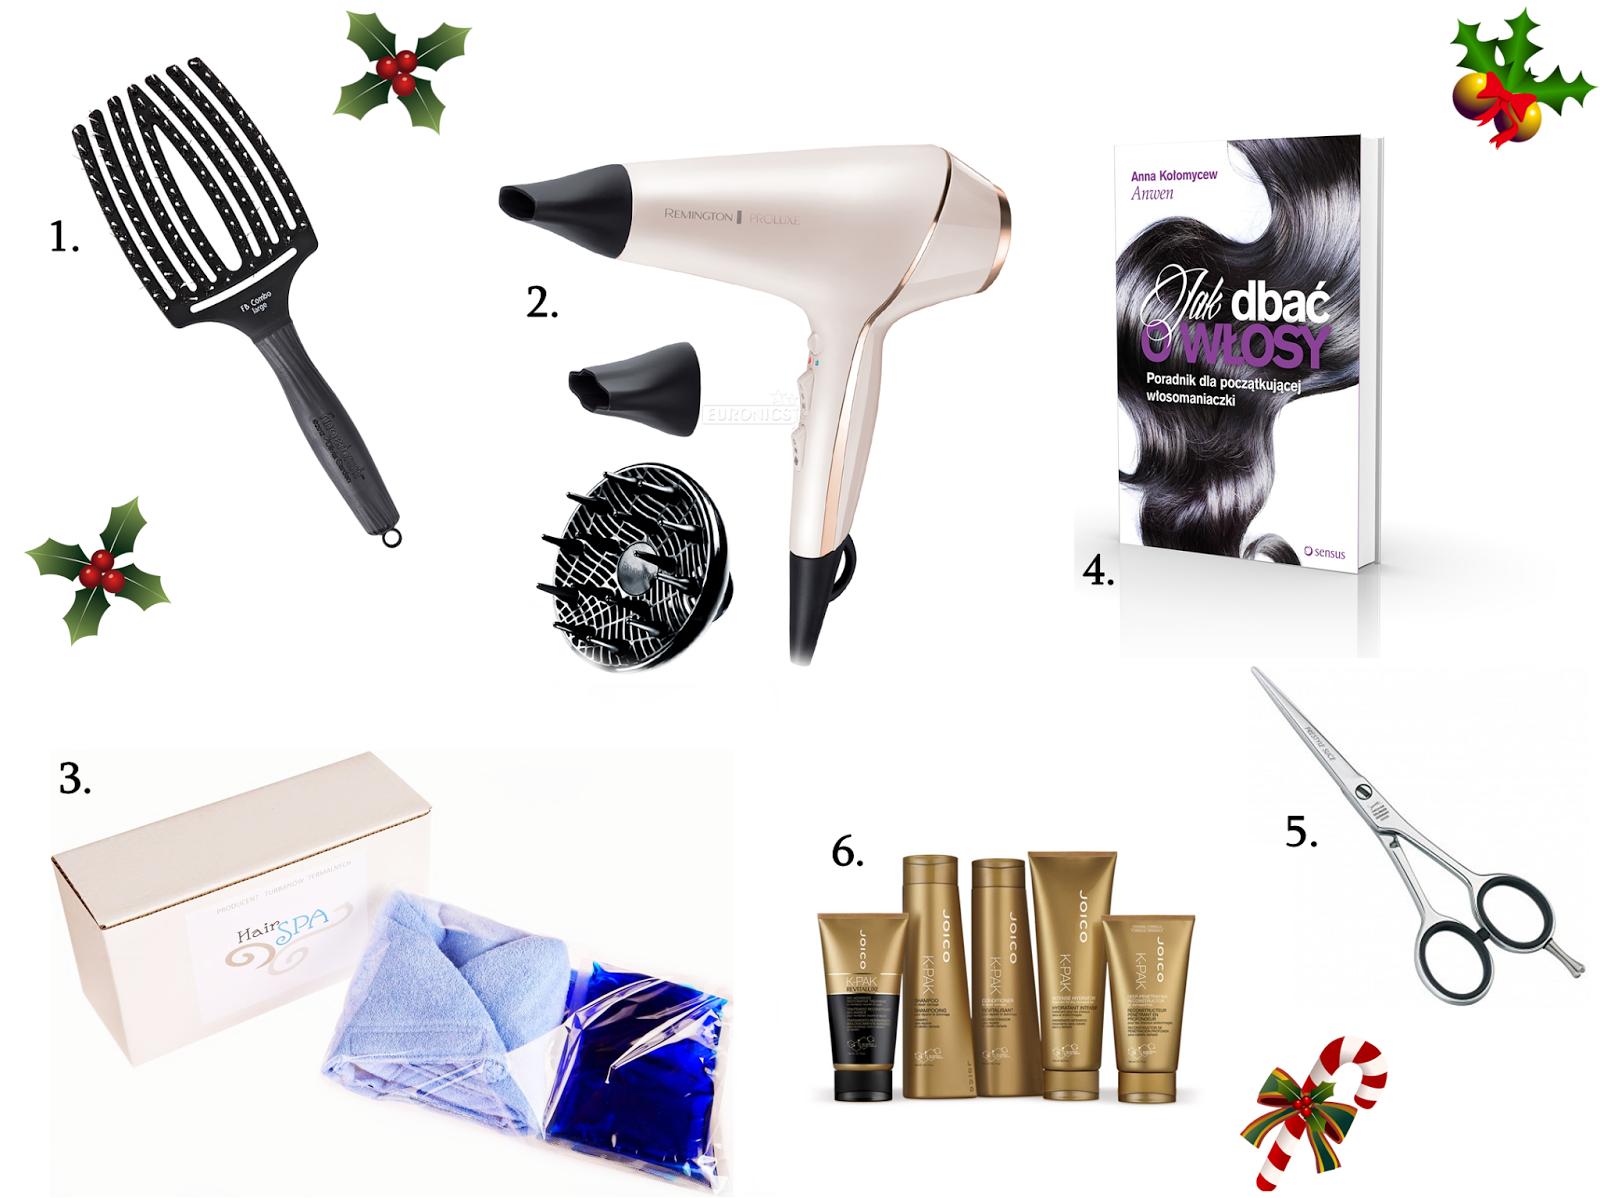 Pomysły na prezent dla włosomaniaczki